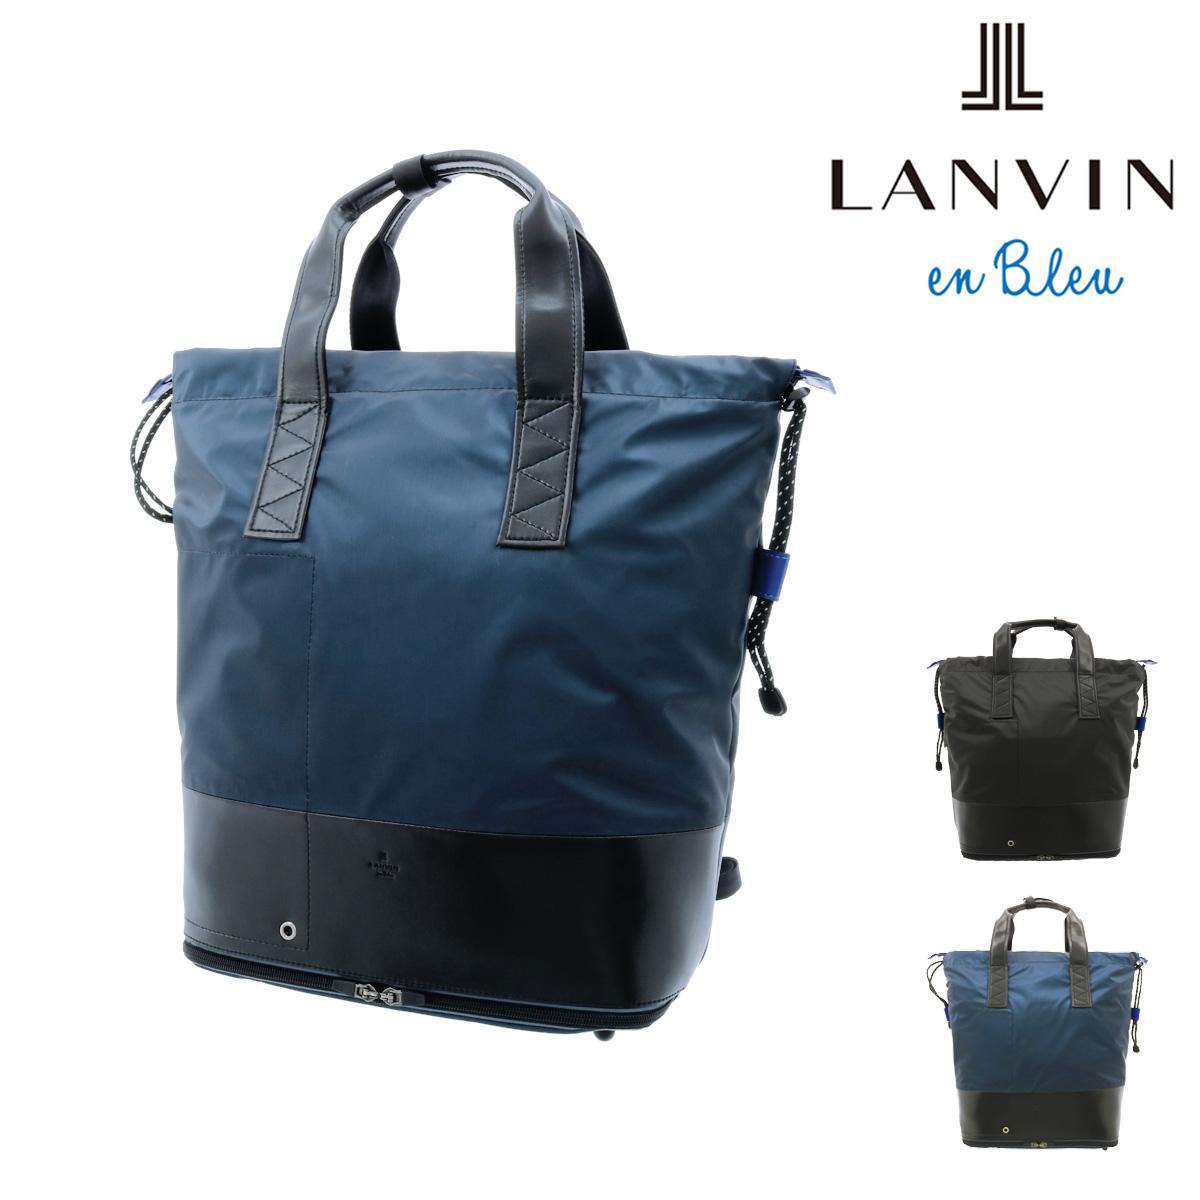 ランバンオンブルー リュック 2WAY グロス メンズ 575722 LANVIN en Bleu |リュックサック トートバッグ B4 [bef][PO10]